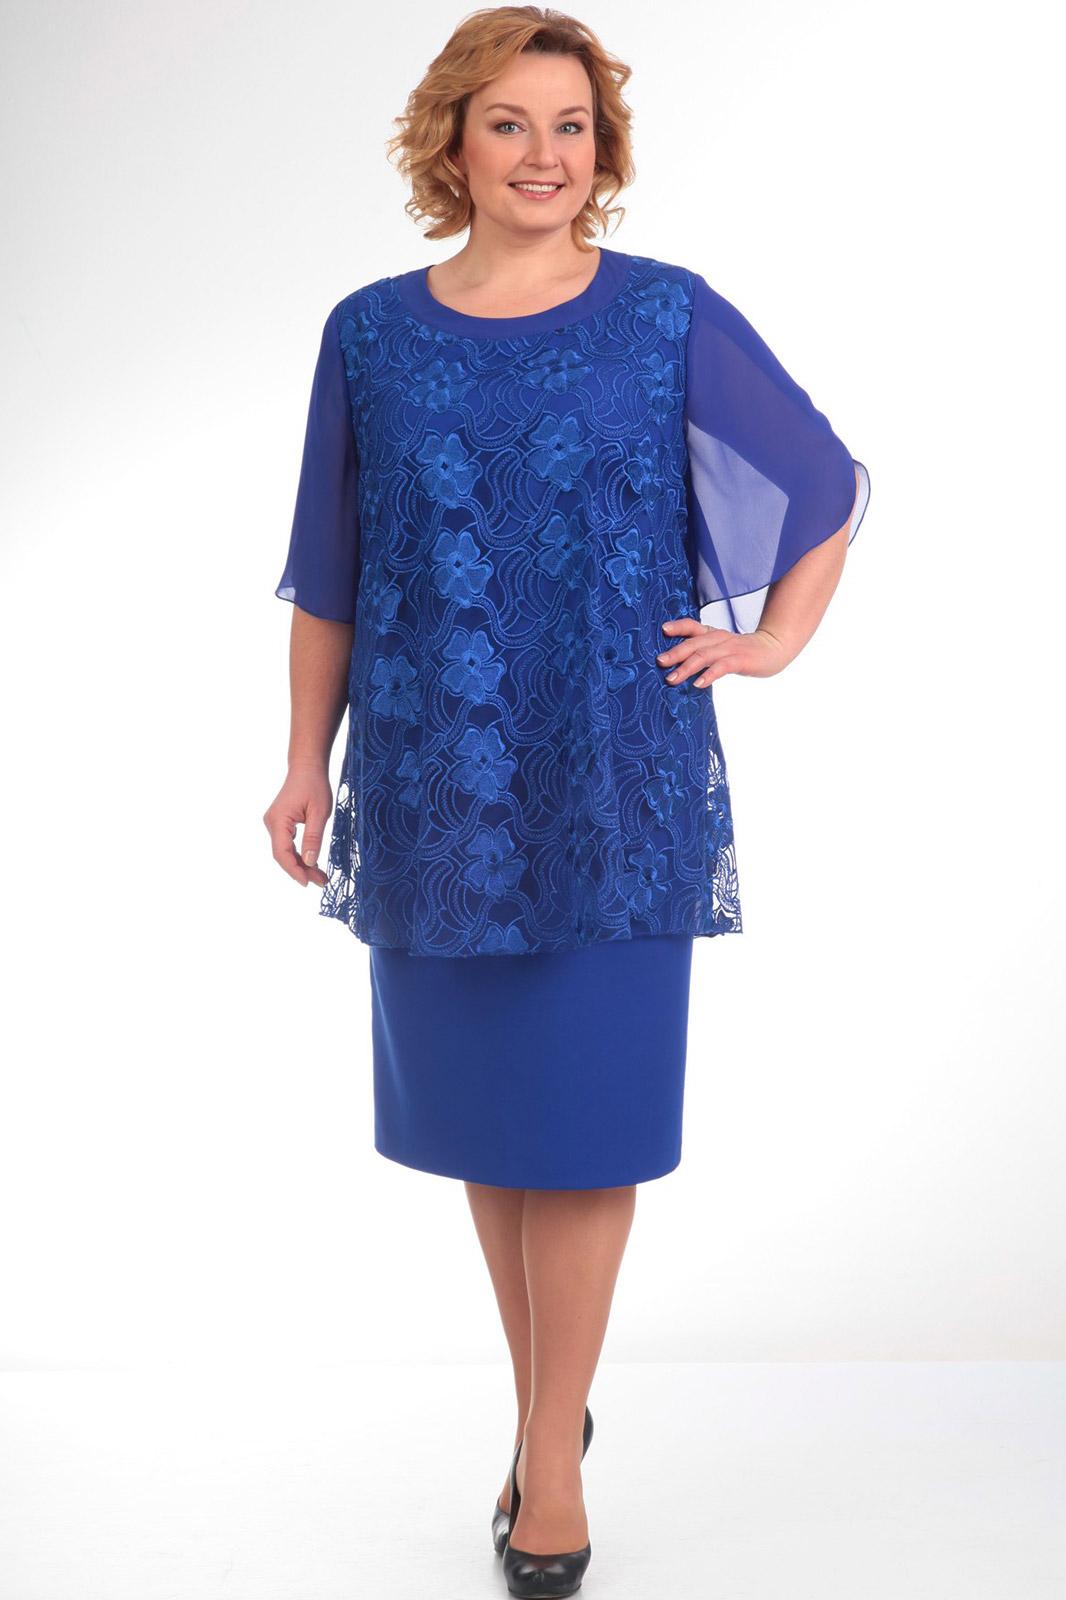 Нарядные платья для женщин фото белоруссия